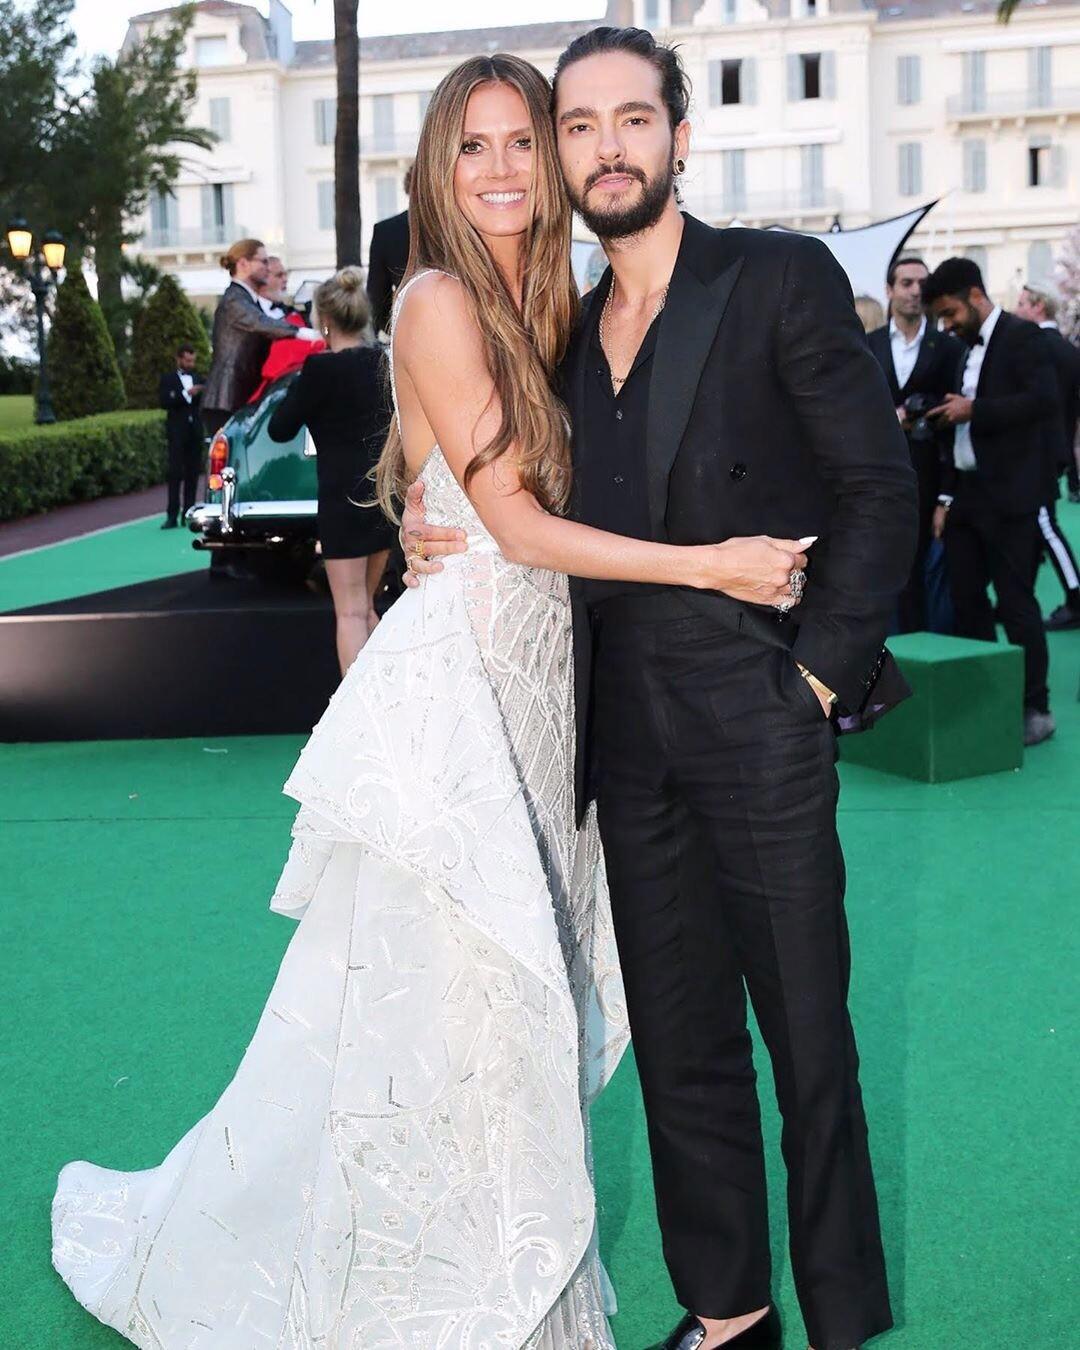 Хайди Клум и Том Каулитца сыграли вторую свадьбу (и потратили больше 40 миллионов)